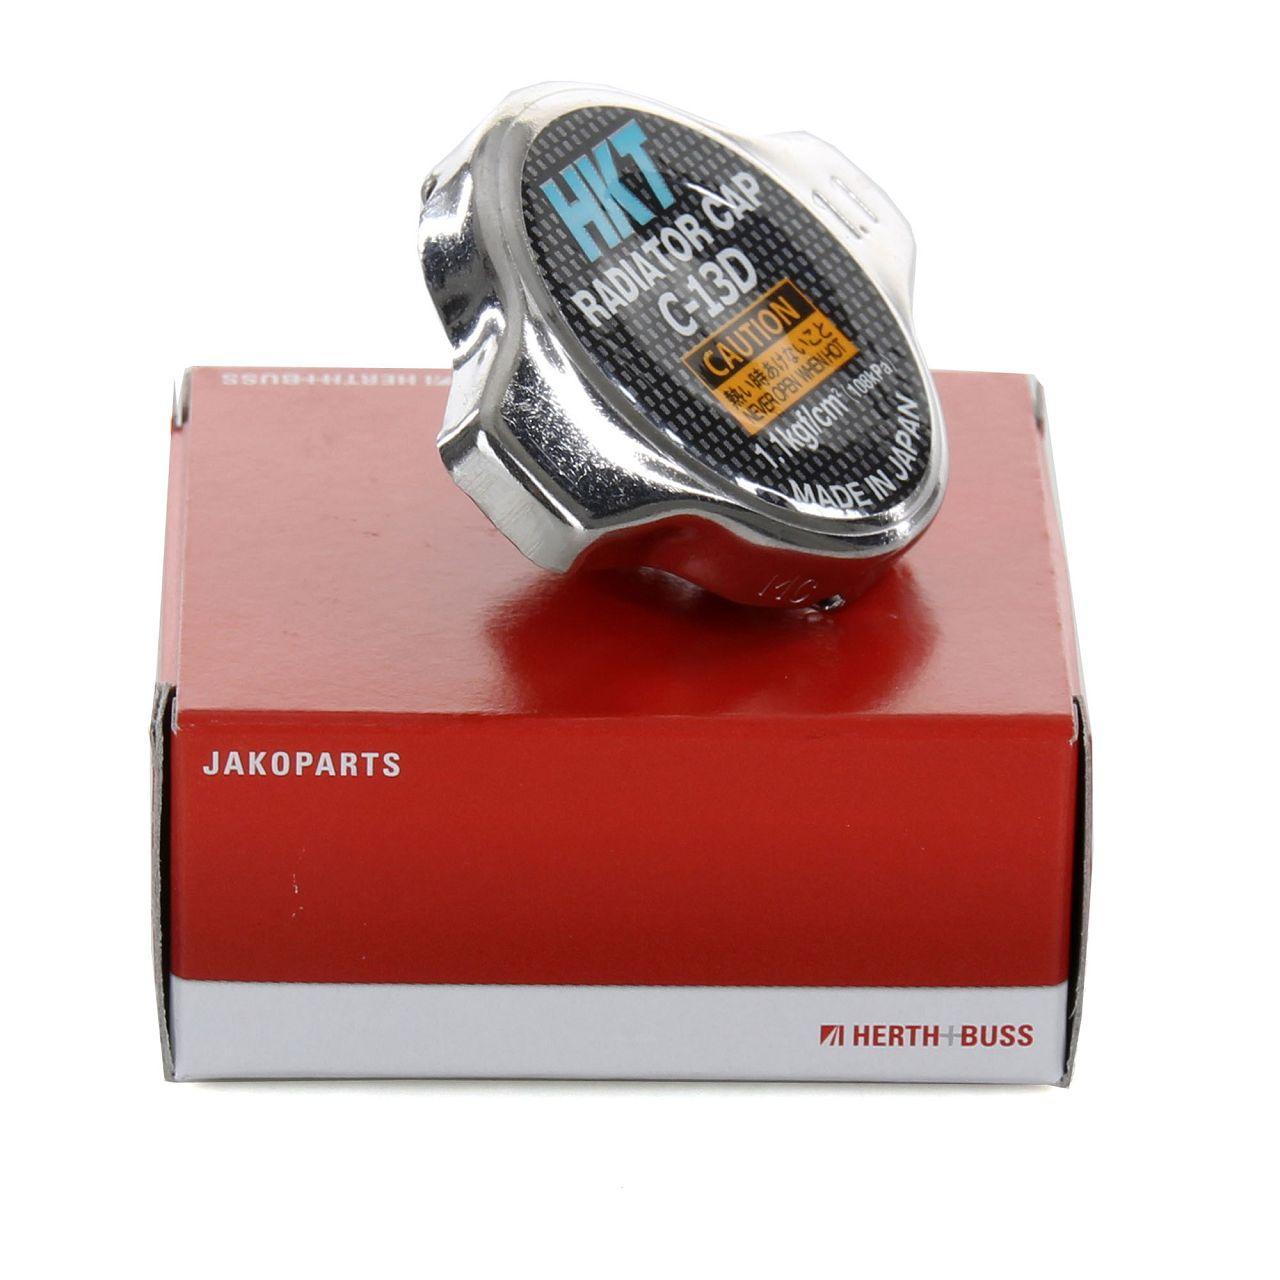 HERTH+BUSS JAKOPARTS Kühlerdeckel Verschlussdeckel Kühlerverschluss J1542002